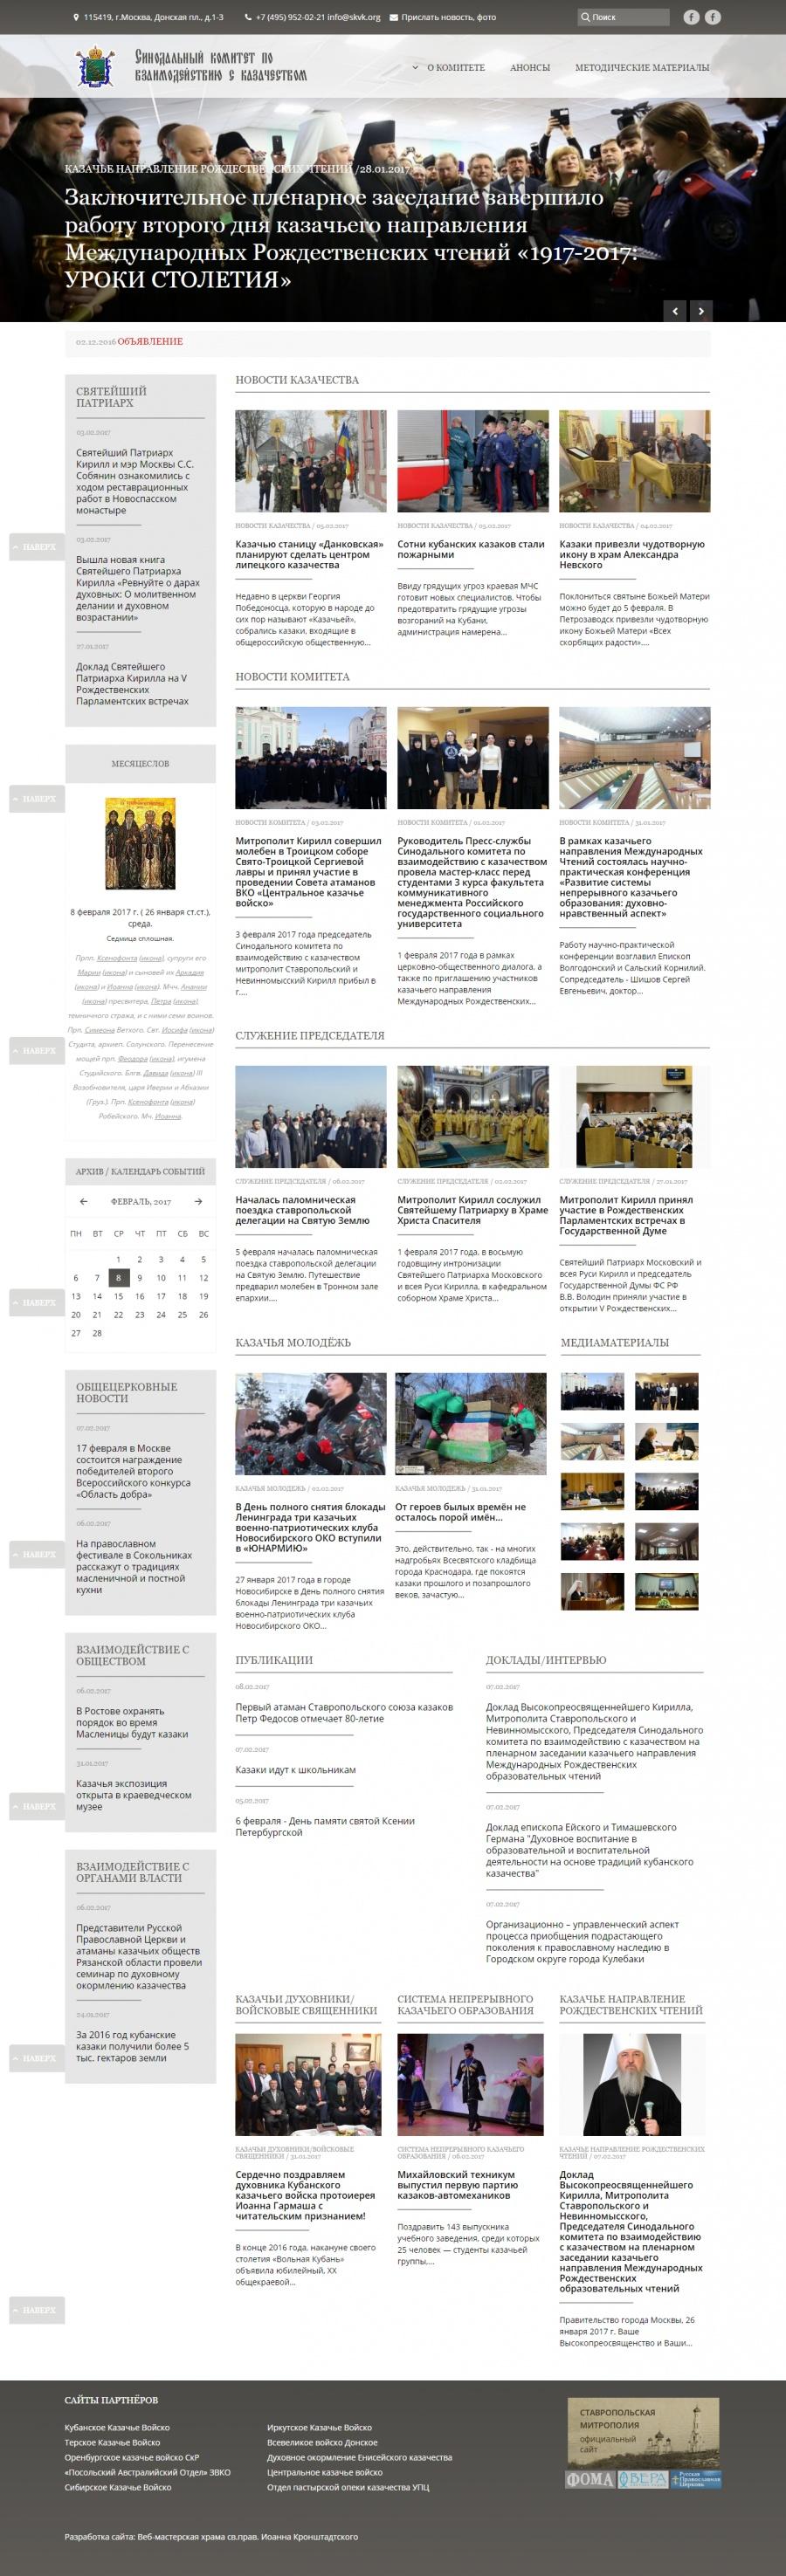 Синодальный комитет по взаимодействию с казачеством — обновление дизайна сайта